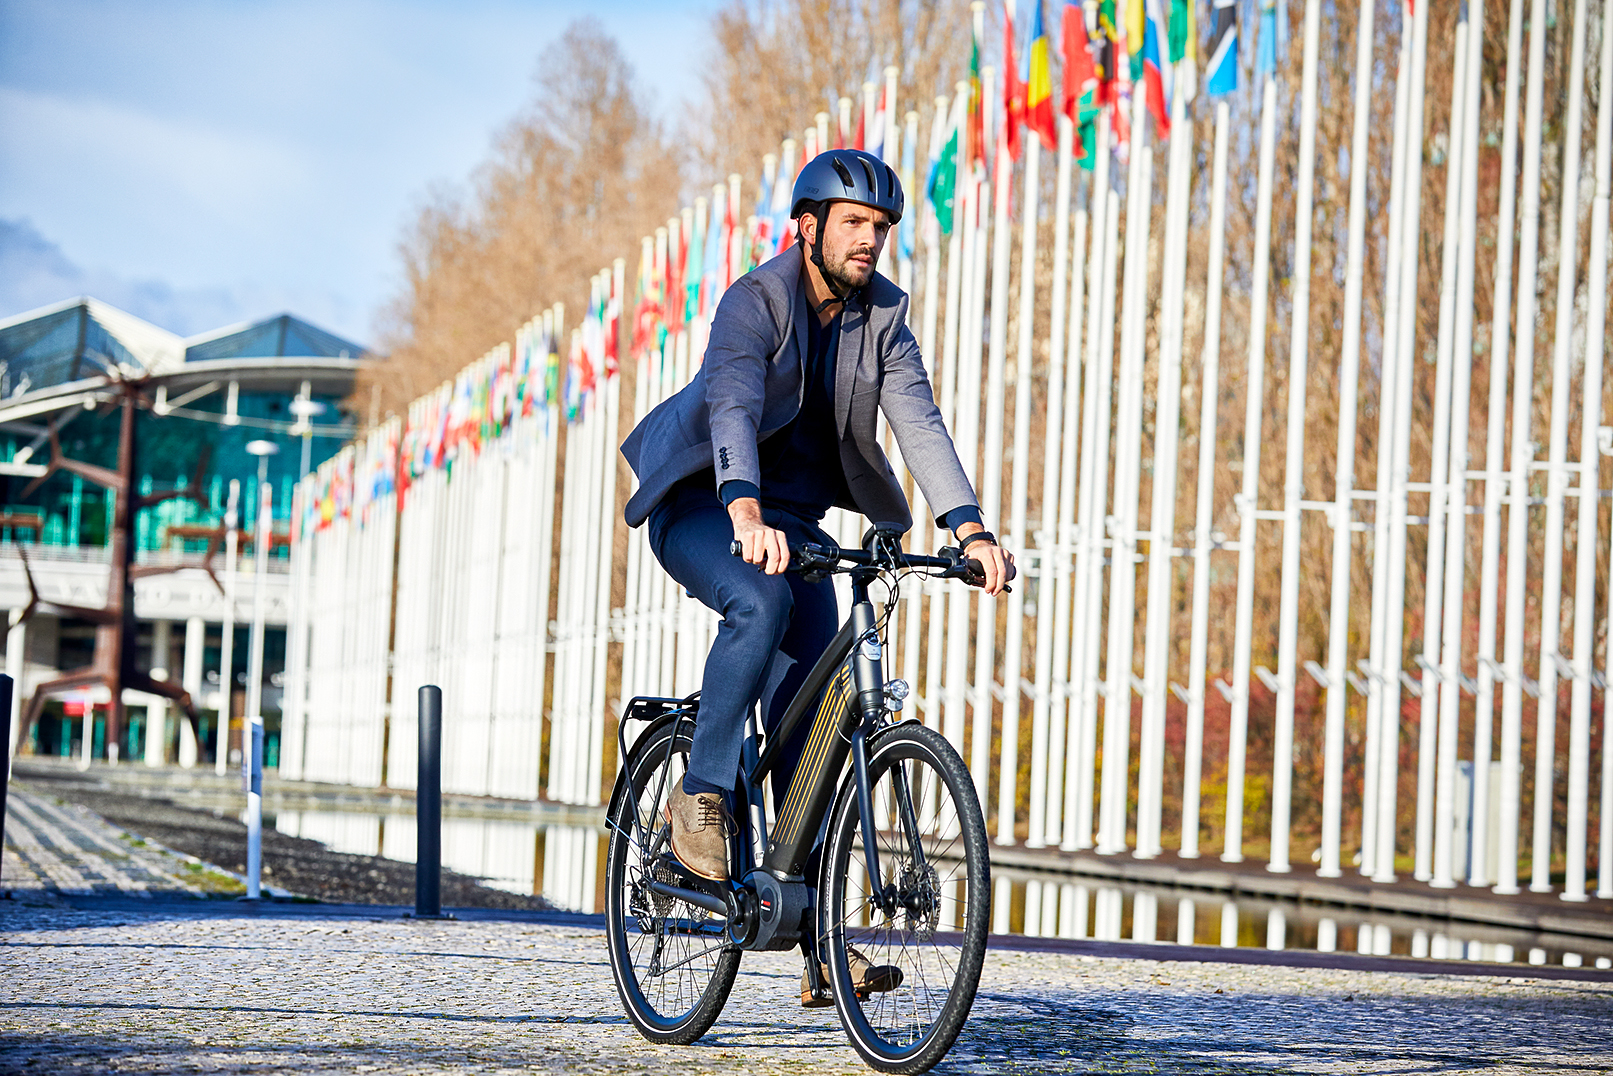 Gazelle CityZen bike